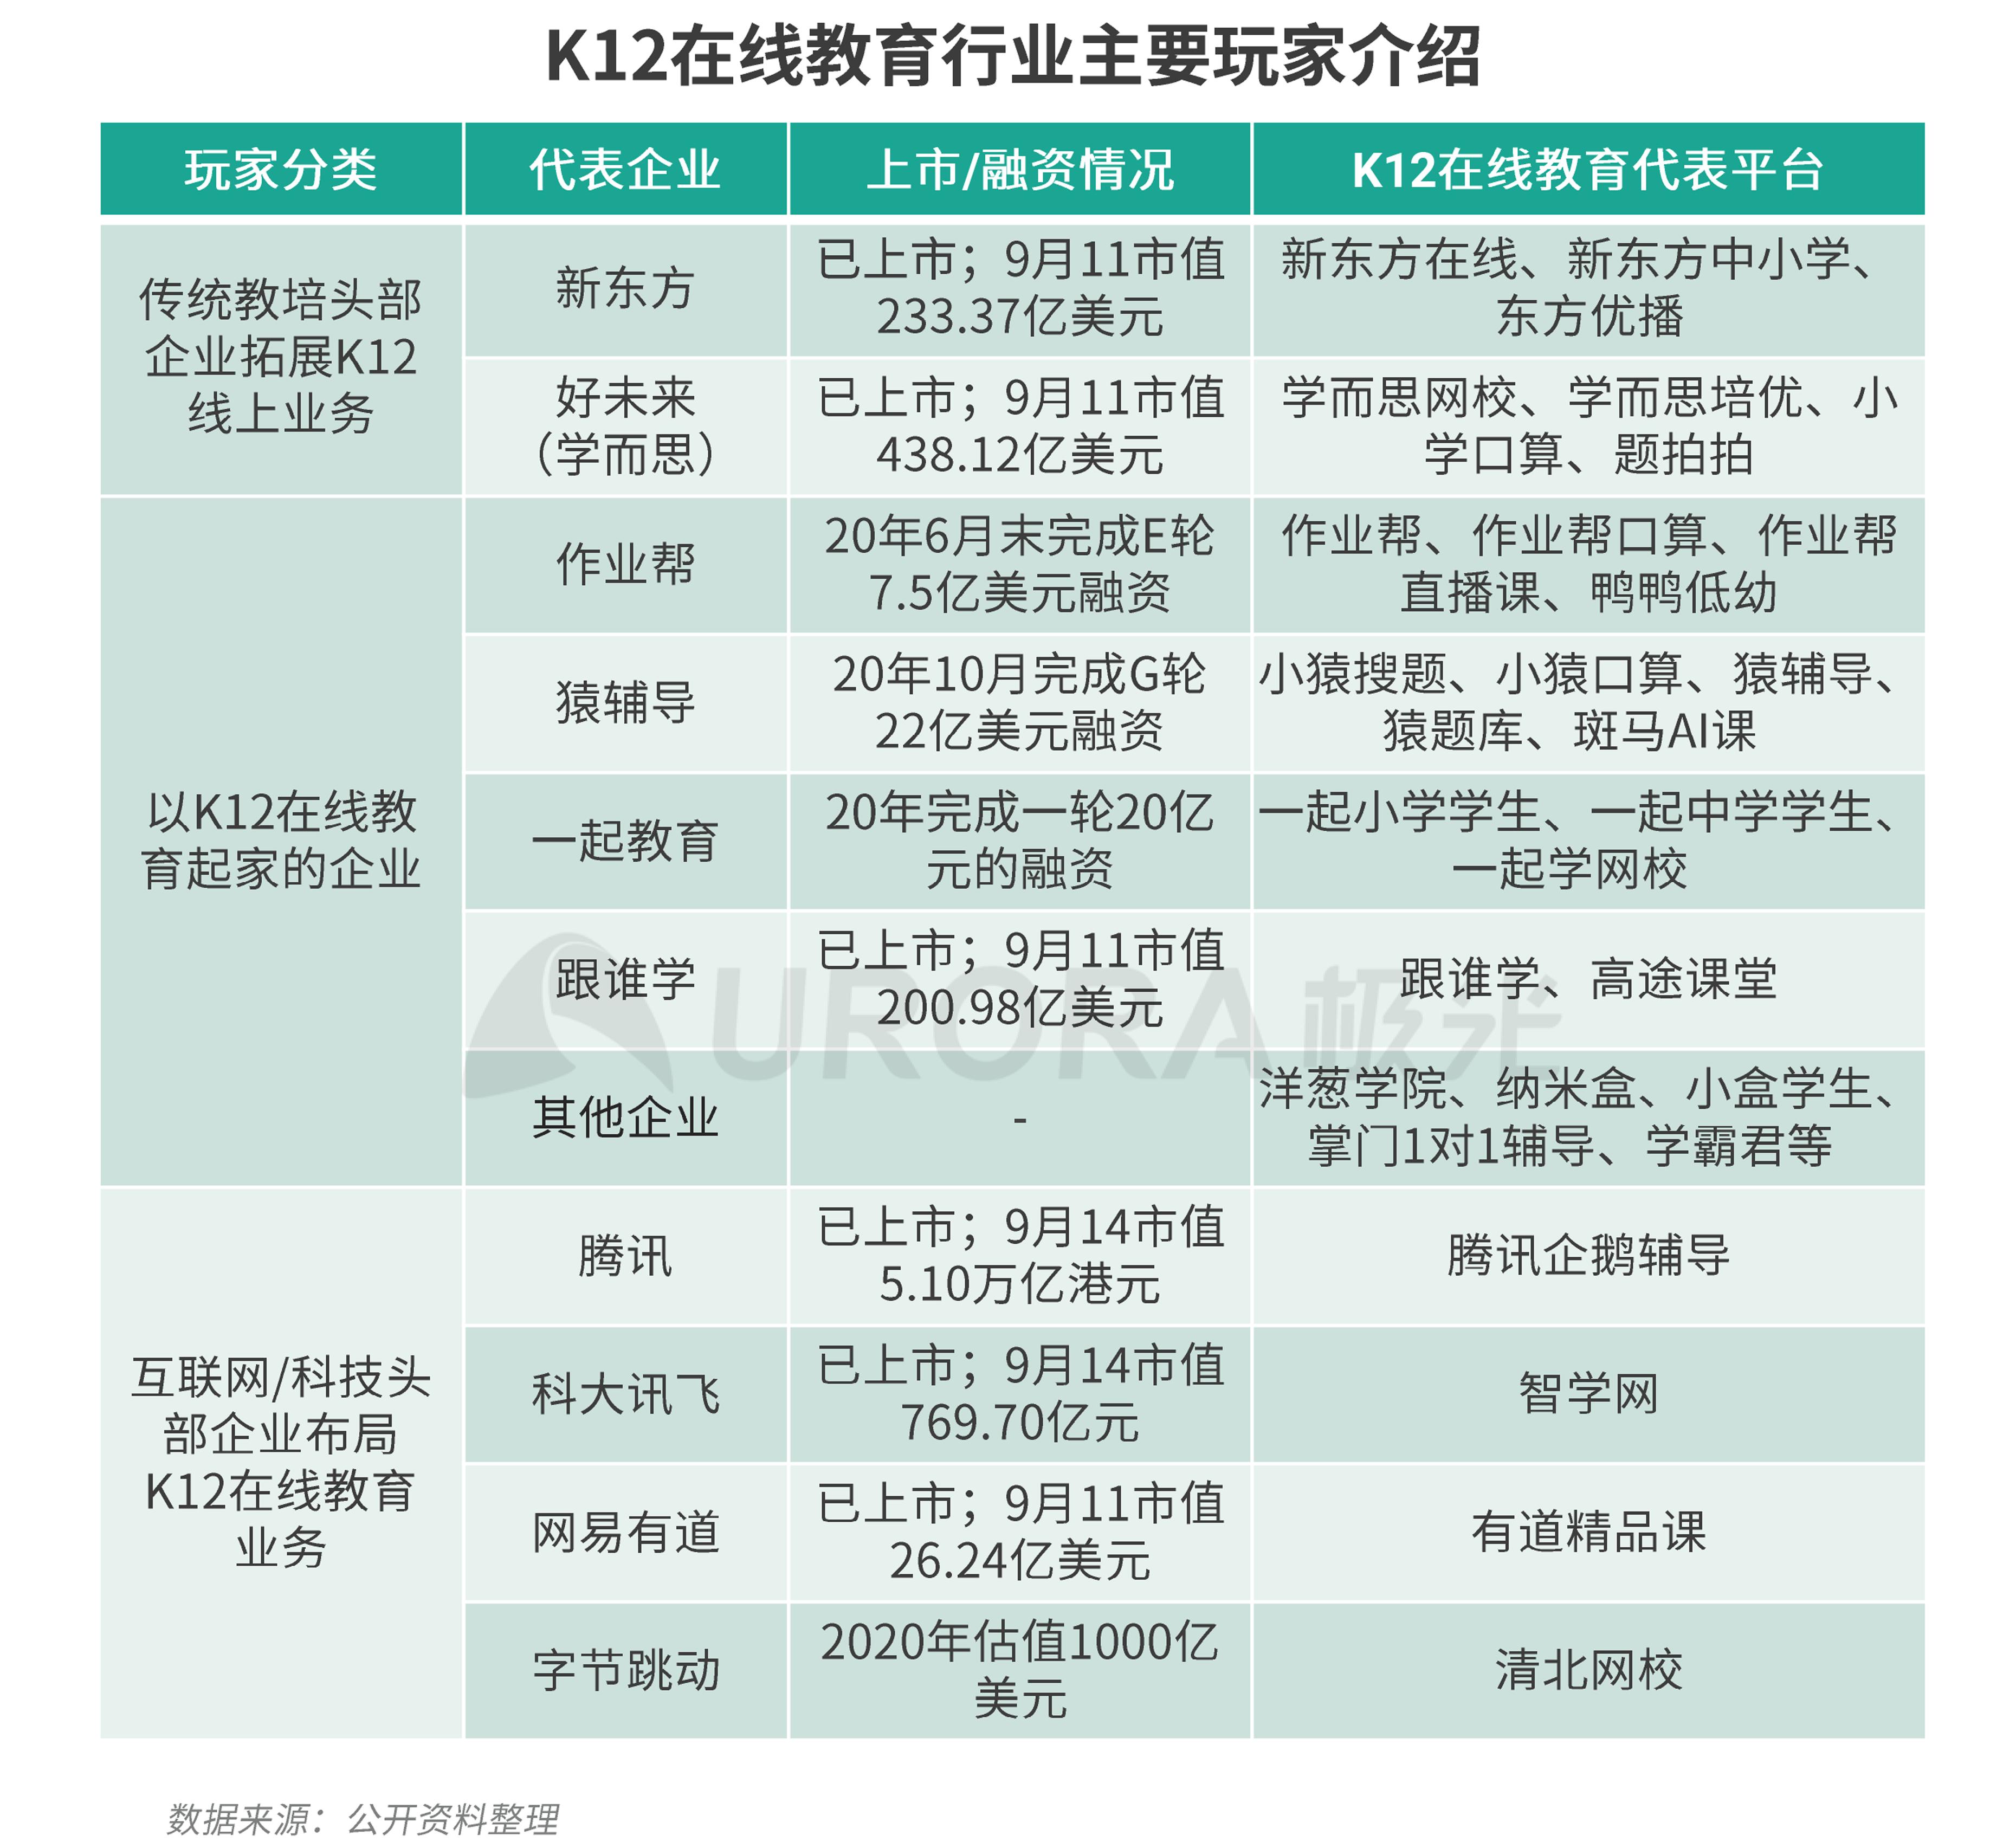 极光:K12教育报告 (7).png